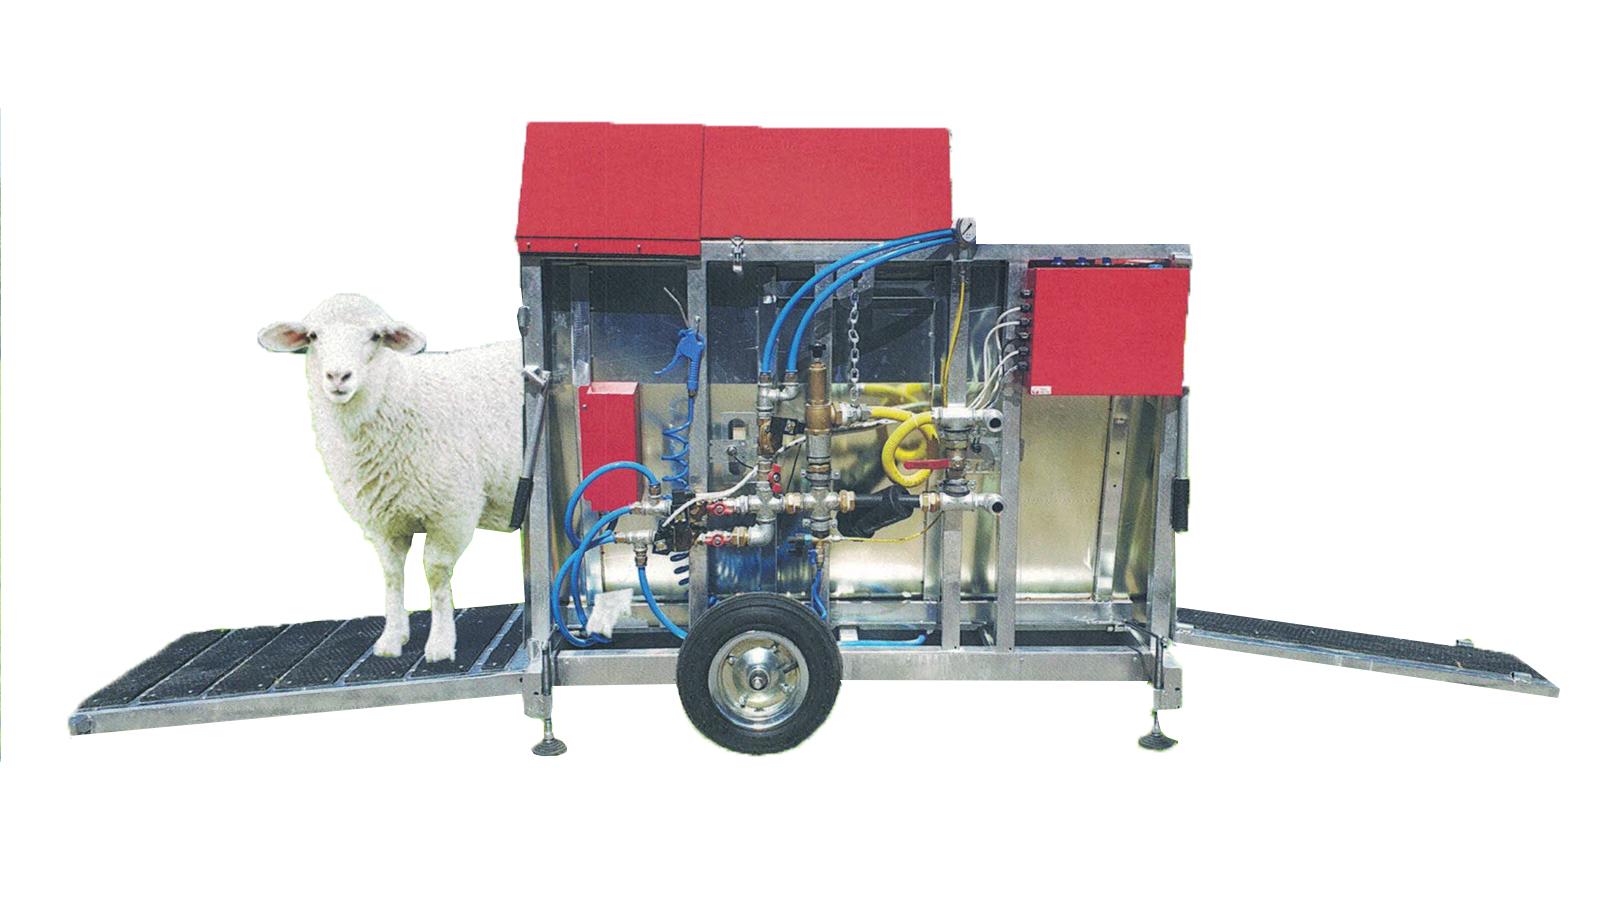 Koyun İlaçlama Makinesi - Banyoluk || Merlab Laboratuvar Ekipmanları